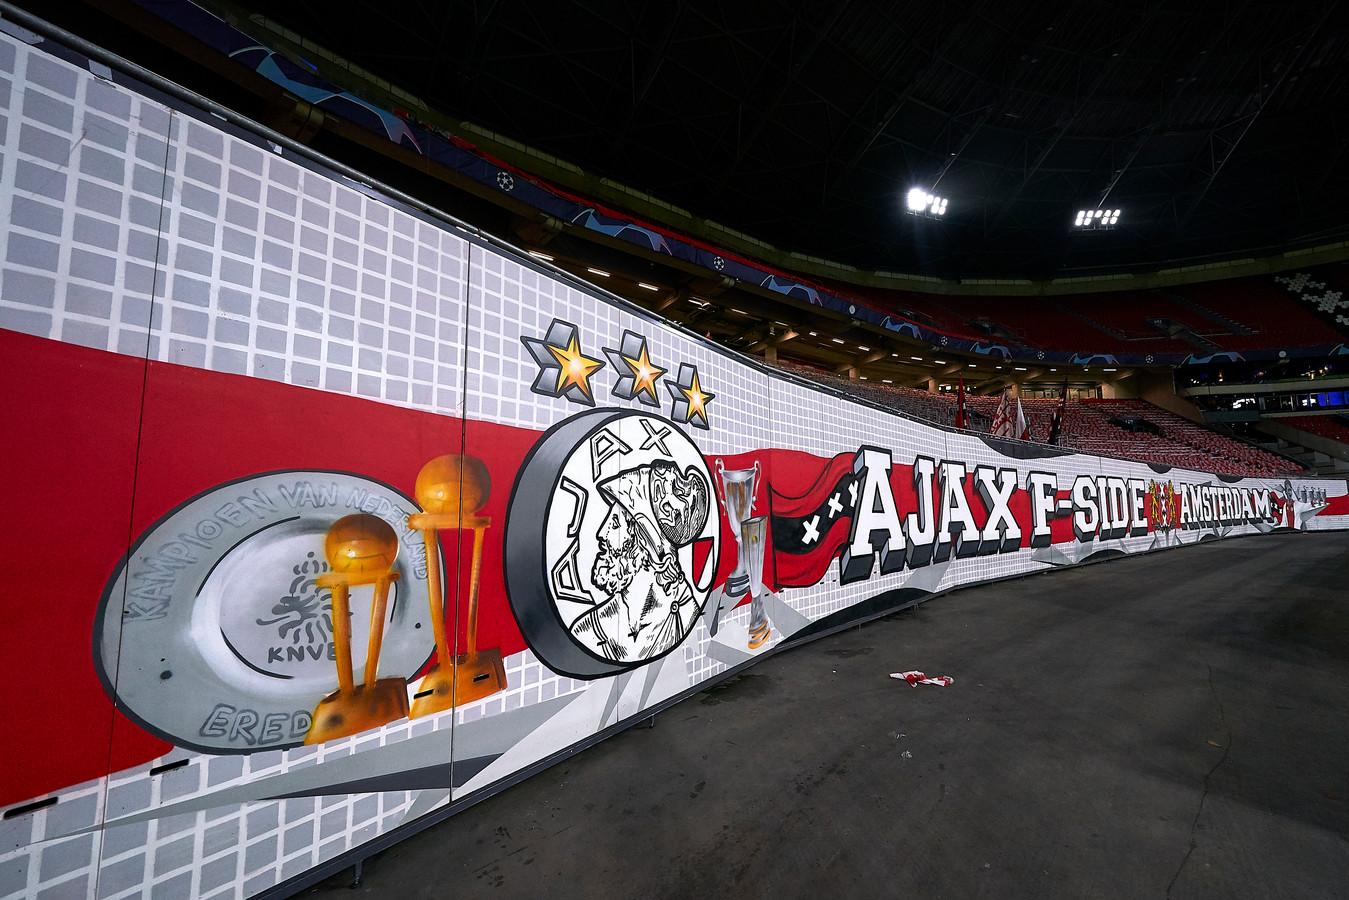 Ajax-fan Mats uit Doetinchem kwam de Arena niet binnen. Zijn kaarten bleken vals.  (Photo by Quality Sport Images/Getty Images)